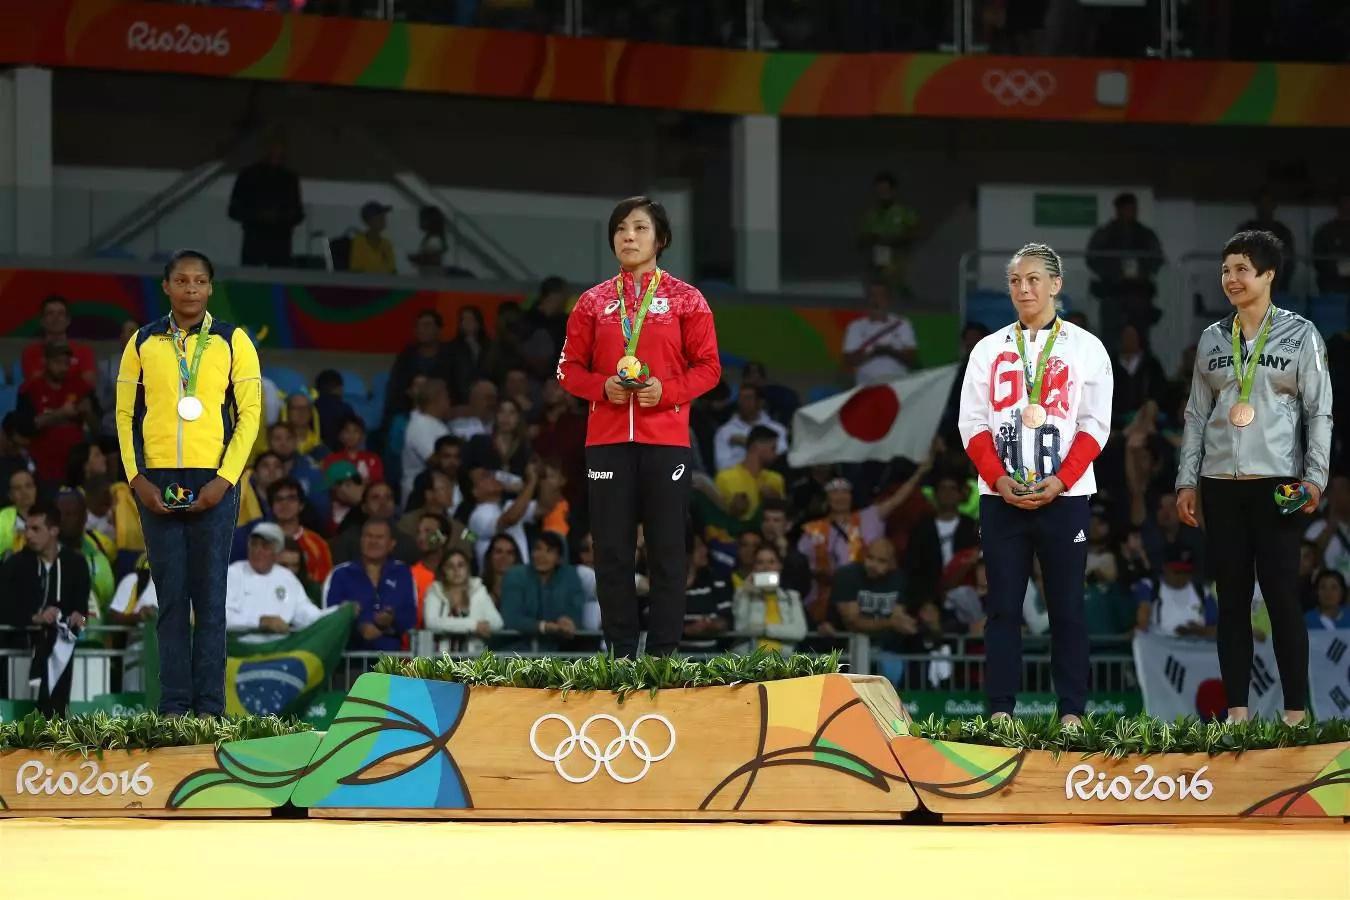 Medalla de plata para Colombia en los Olímpicos